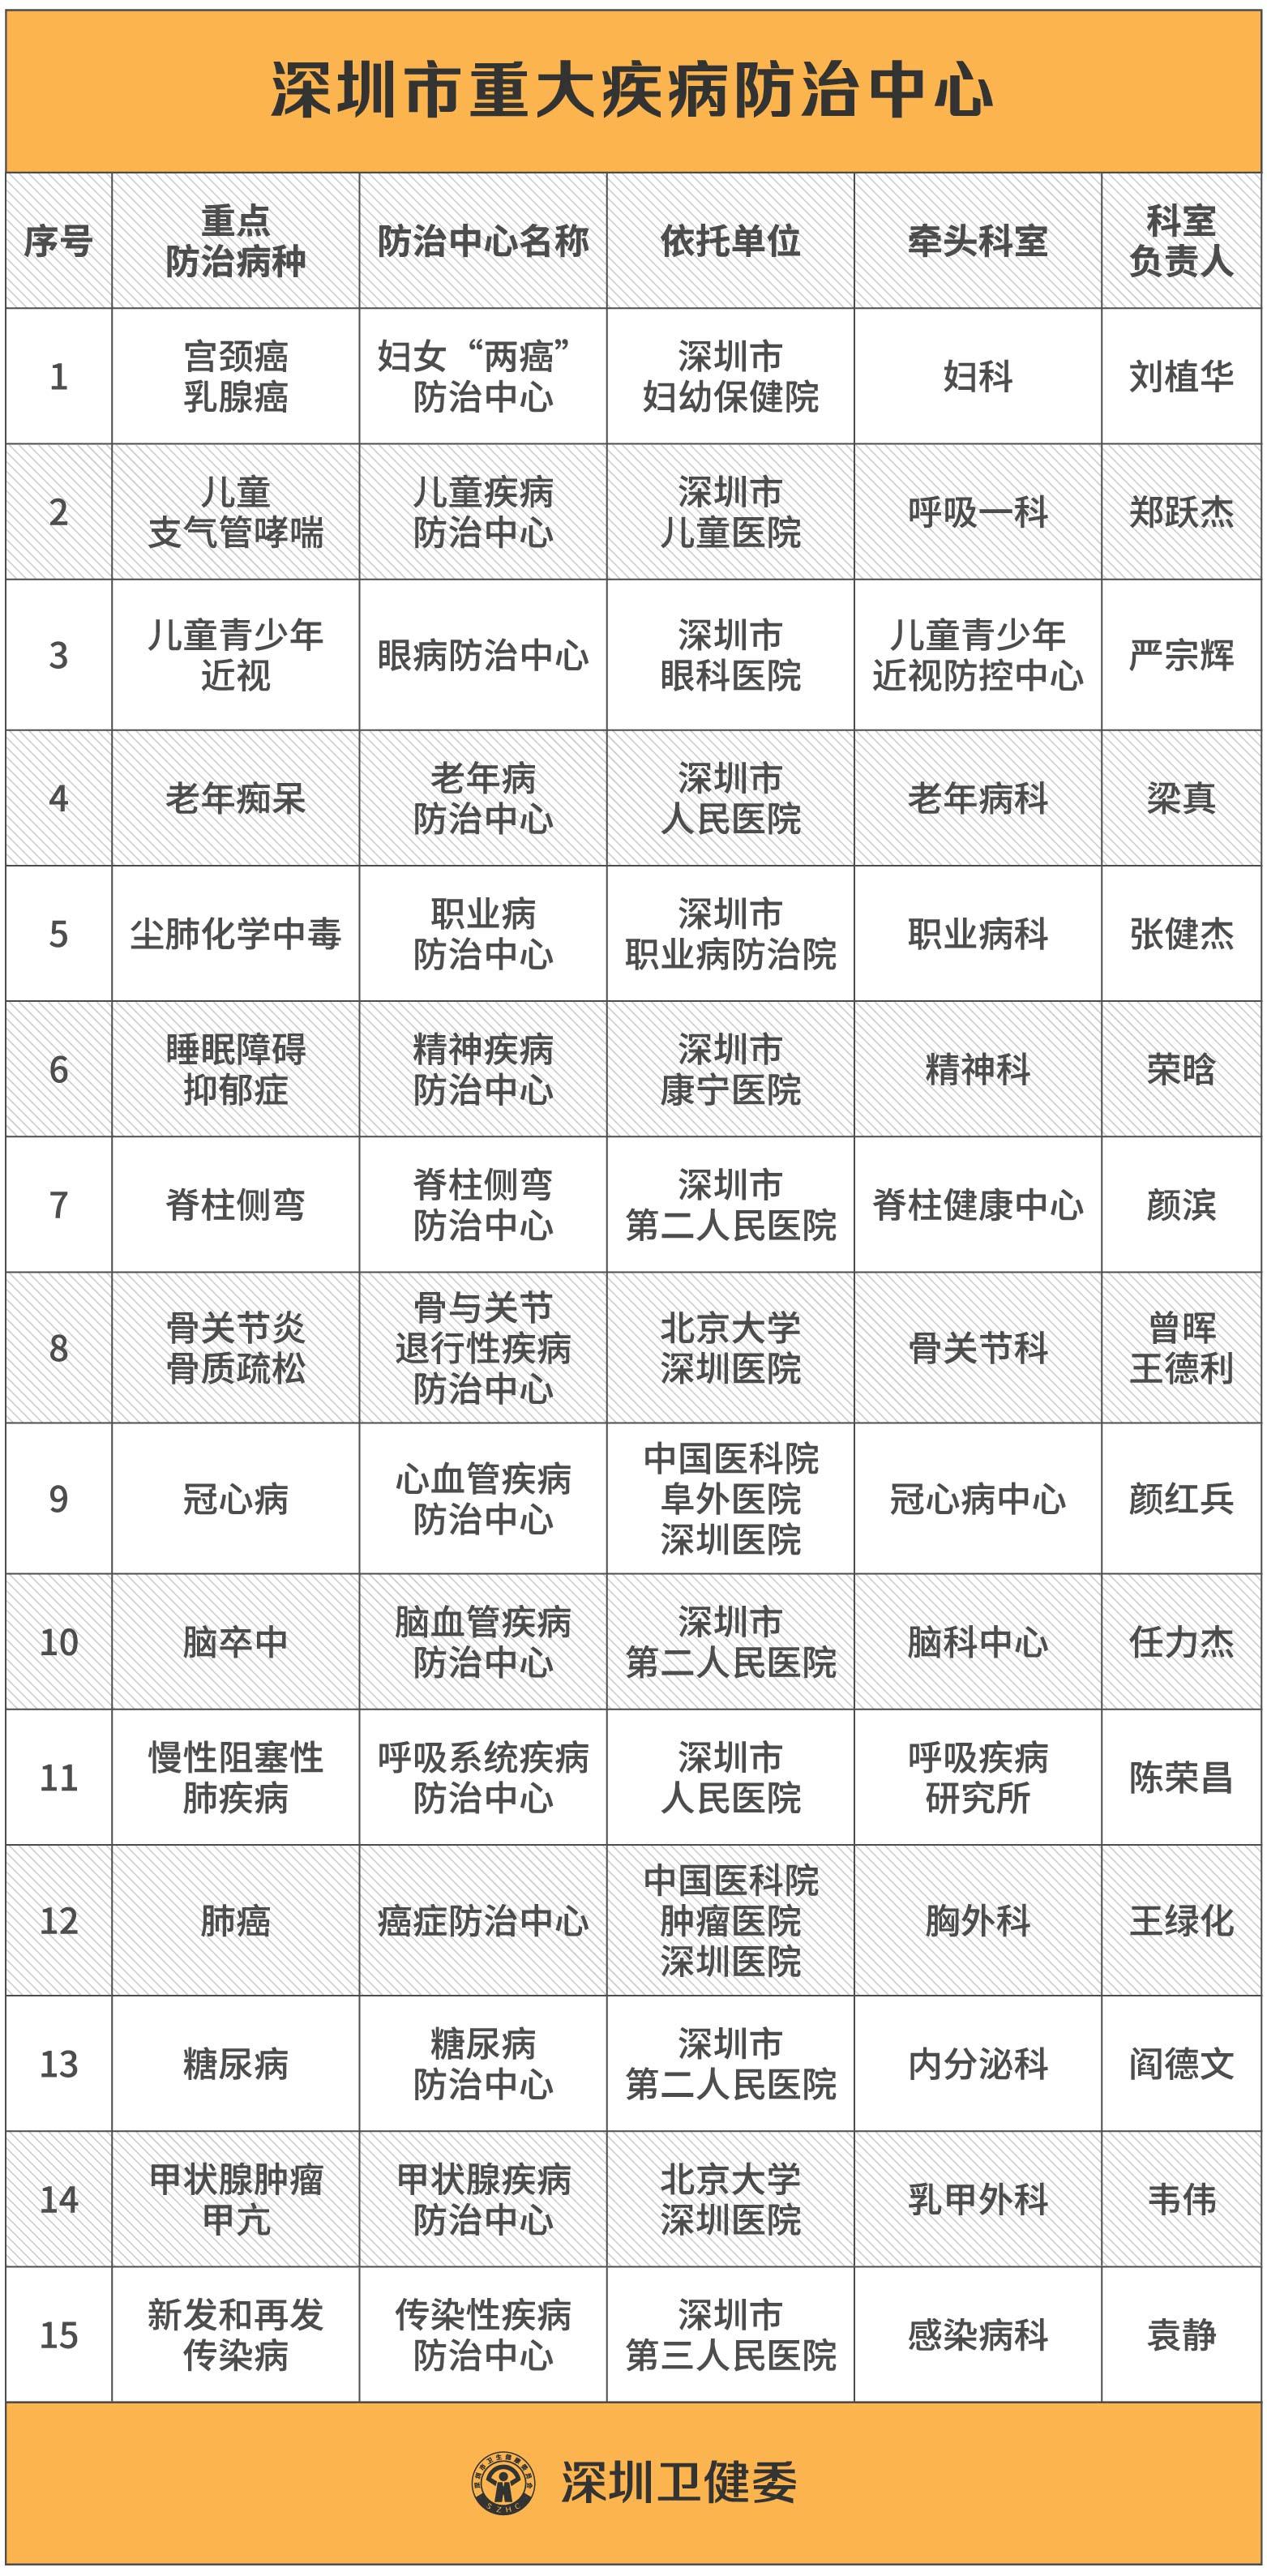 深圳成立15个重大疾病防治中心,全面提升预防救治能力 疾病防治 第1张